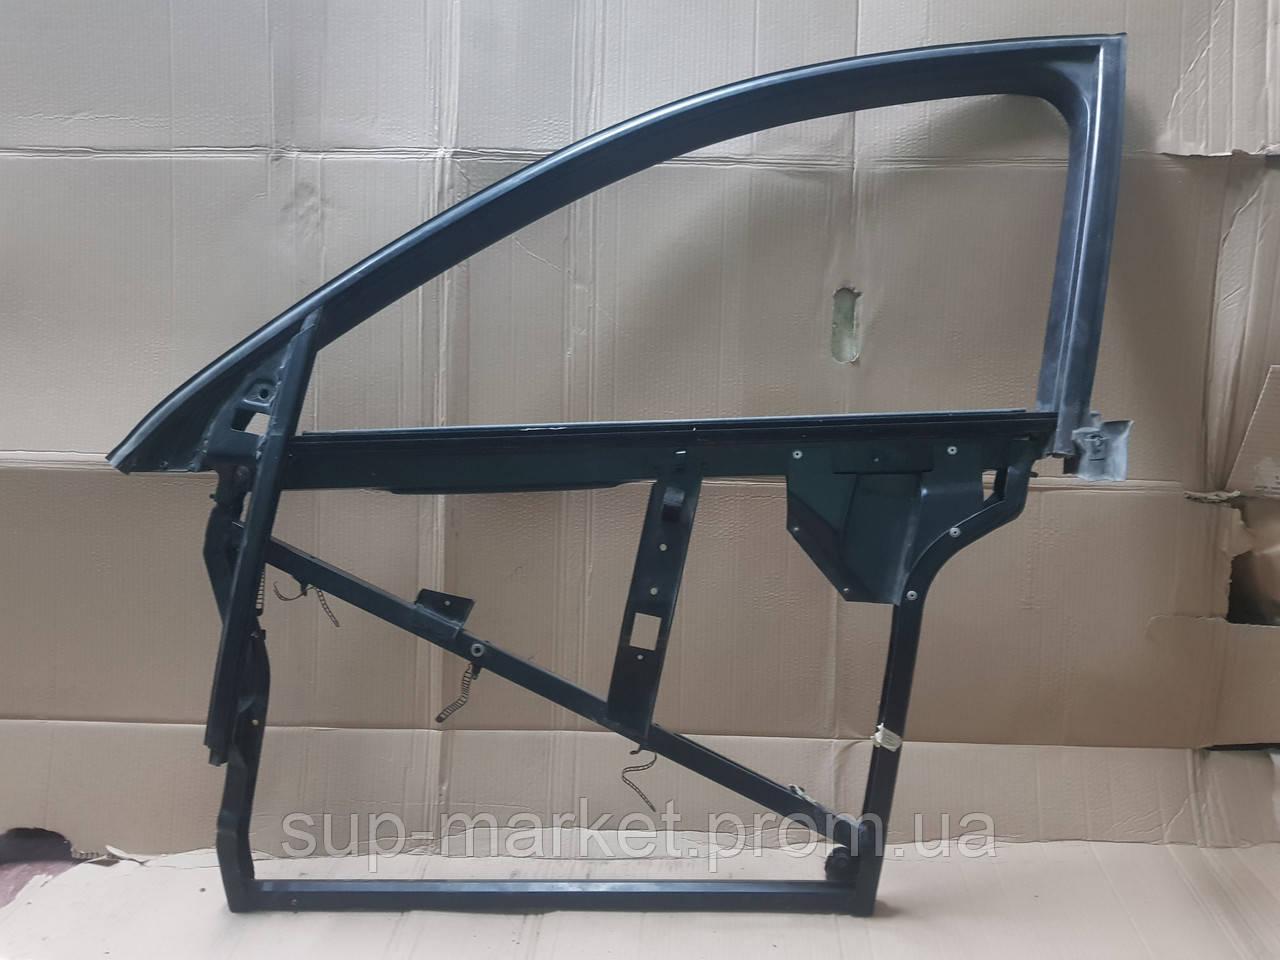 4B0837753A Рамка двери,левая передняя для A6 C5 2.5TDI 1997-2004